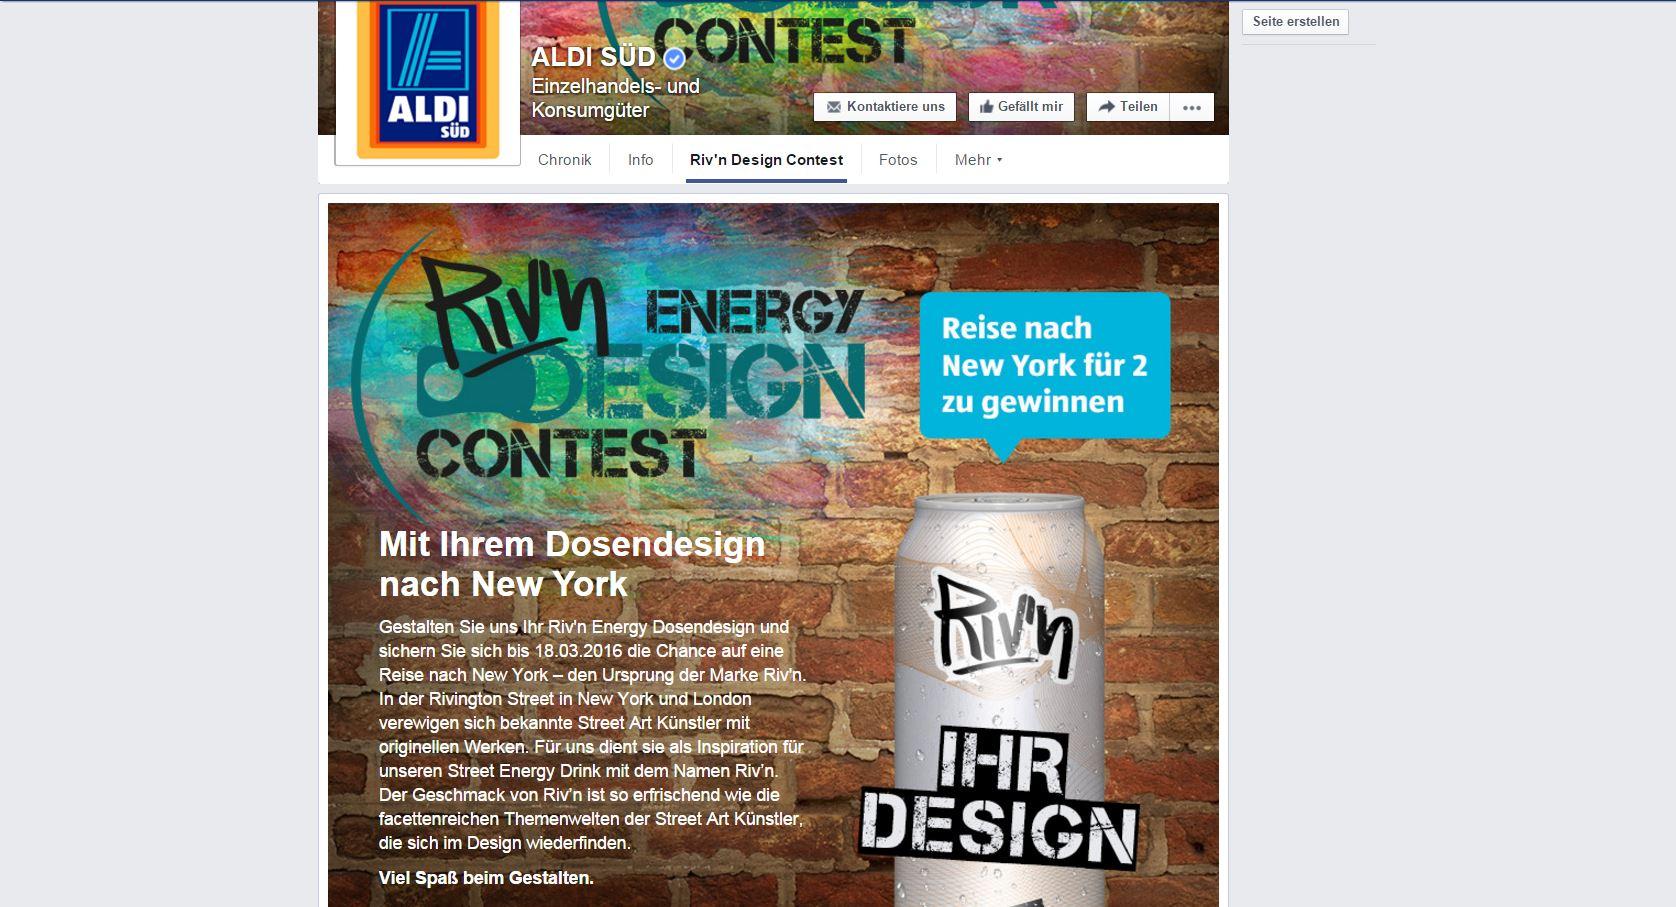 aldi sued gewinnspiel new york reise gewinnspiel. Black Bedroom Furniture Sets. Home Design Ideas